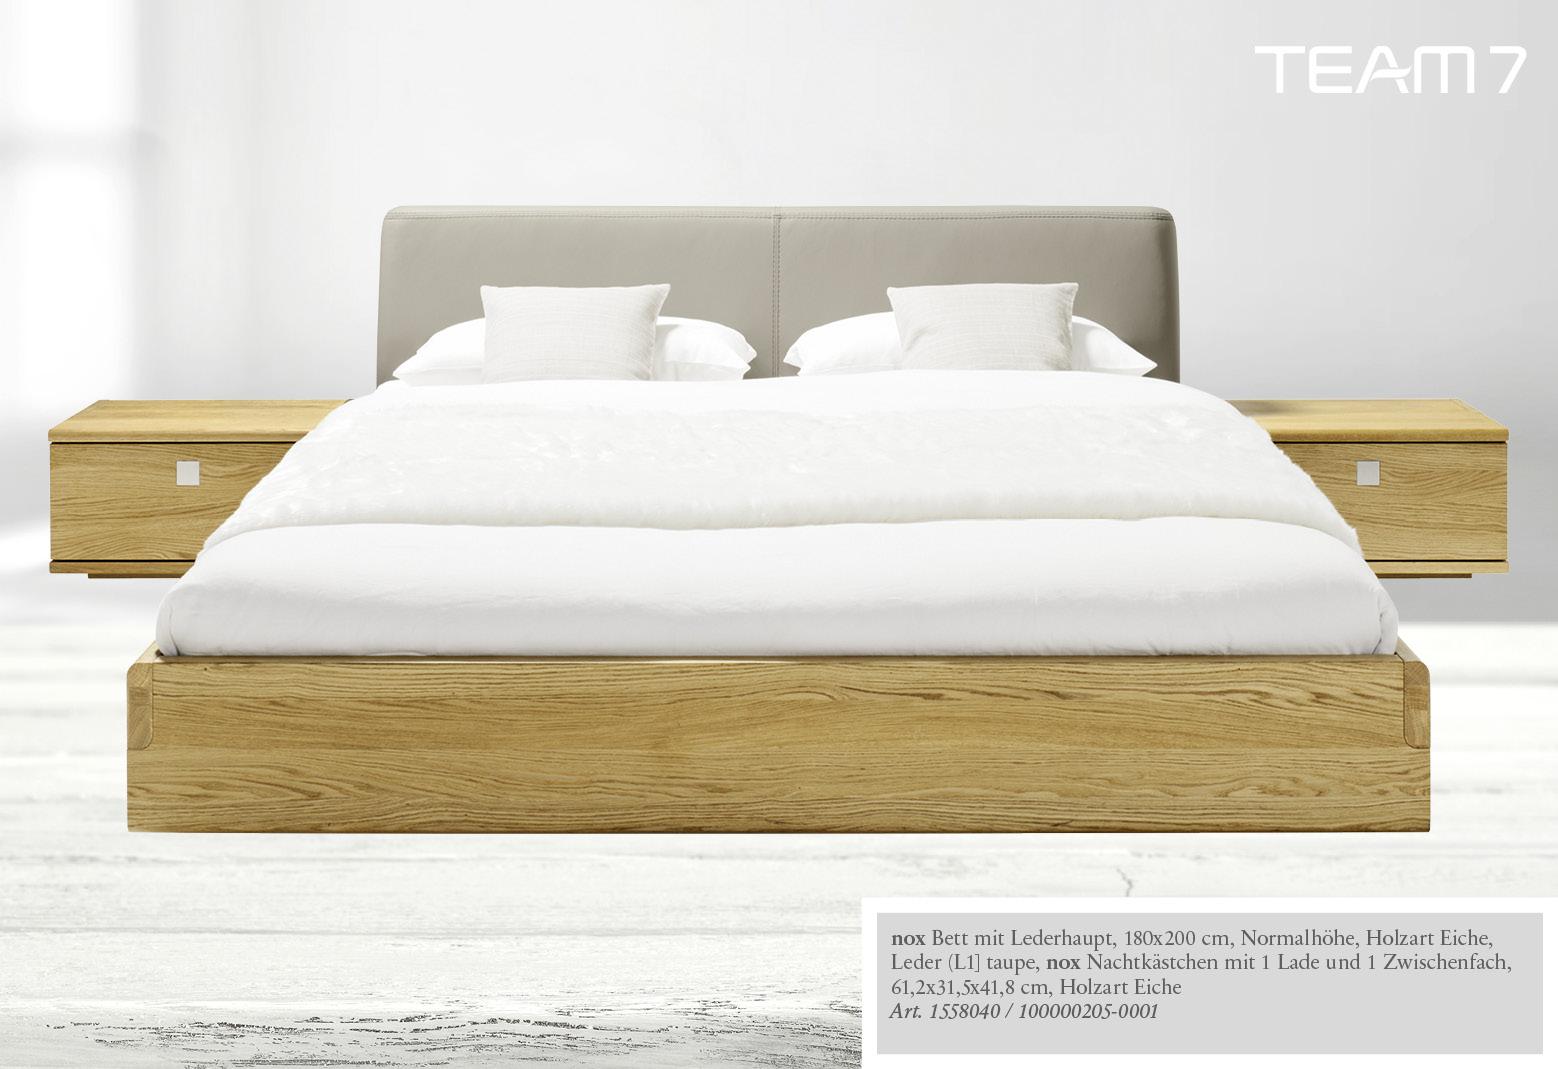 Full Size of Bett 180x200 Bettkasten Erholsamer Schlafplatz In Betten Von Weko Aus Holz Bambus Dormiente Trends Wickelbrett Für 200x200 Mit 90x200 120x200 Matratze Und Bett Bett 180x200 Bettkasten